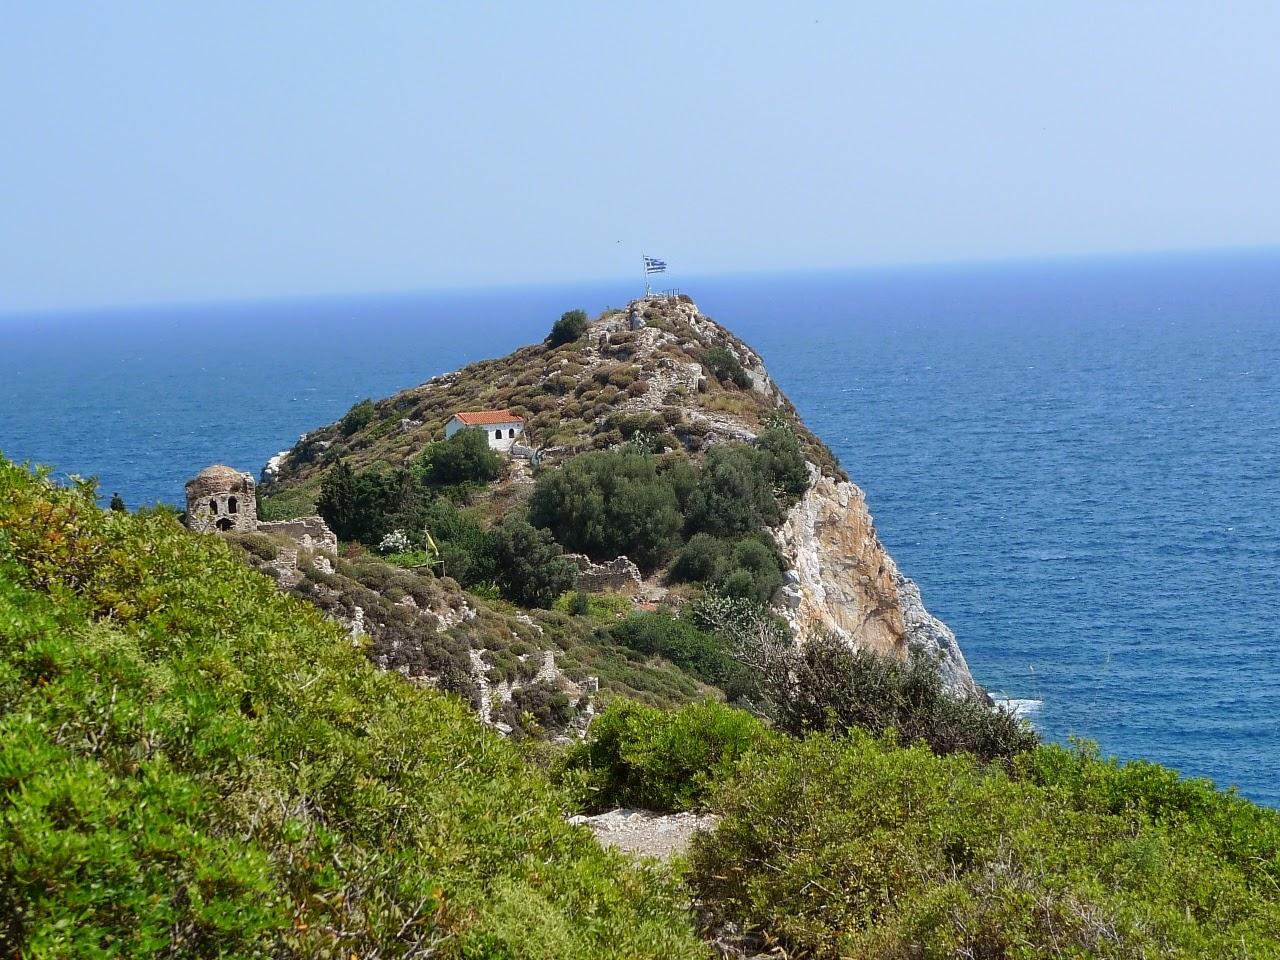 Kastro nad urwiskiem-wędrówki po Skiathos ciąg dalszy/Castro over a cliff - continuation of my visit on Skiathos